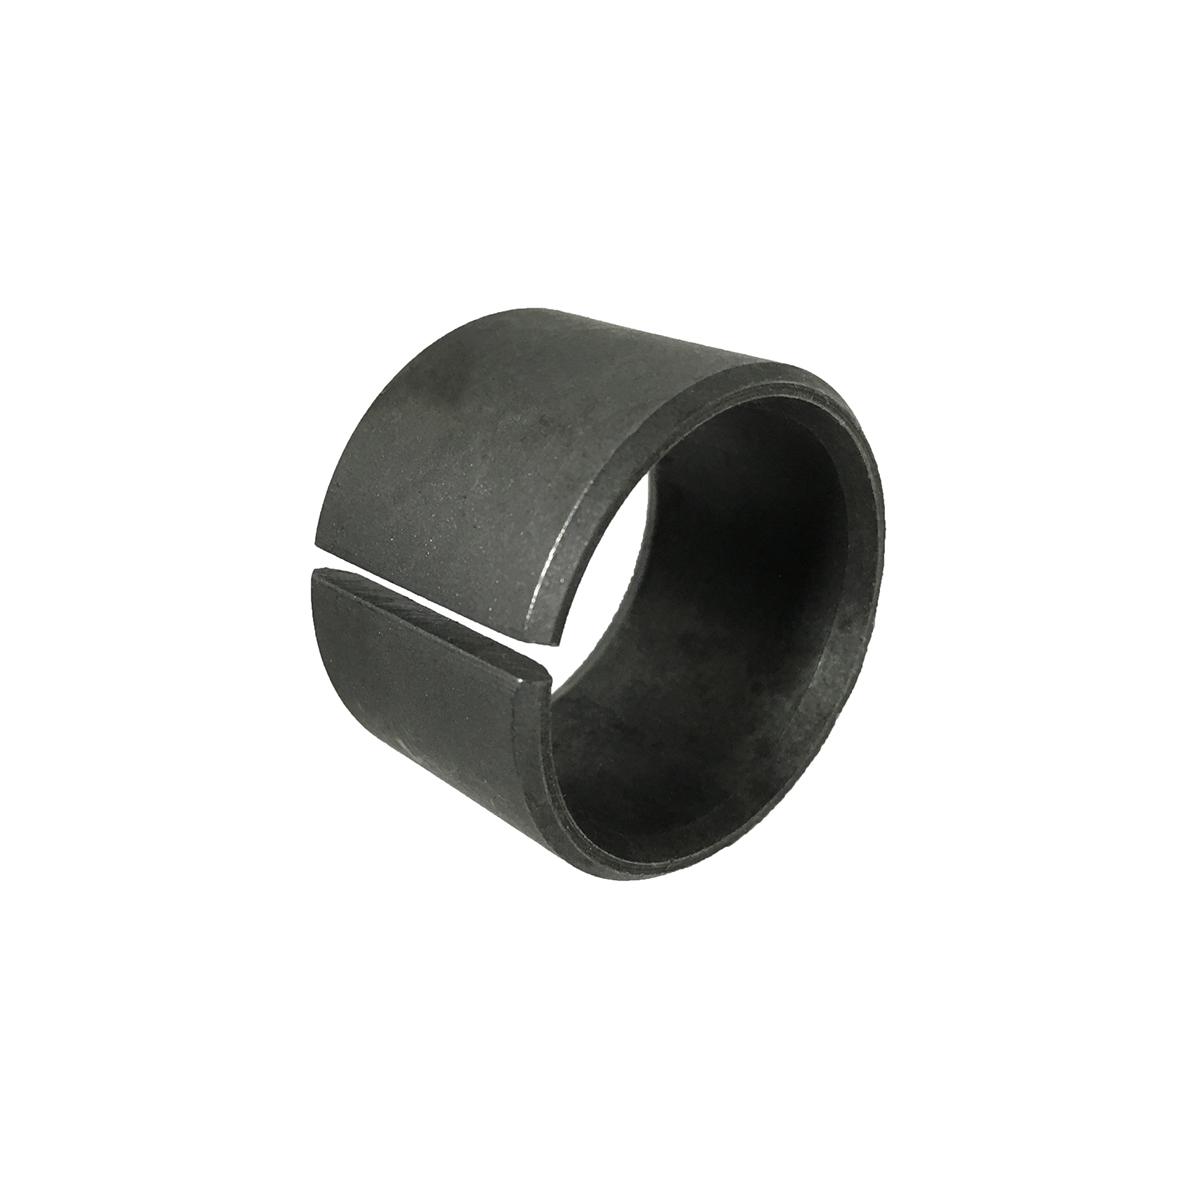 1.5 x 1.25 steel bushing reducer for hydraulic cylinder